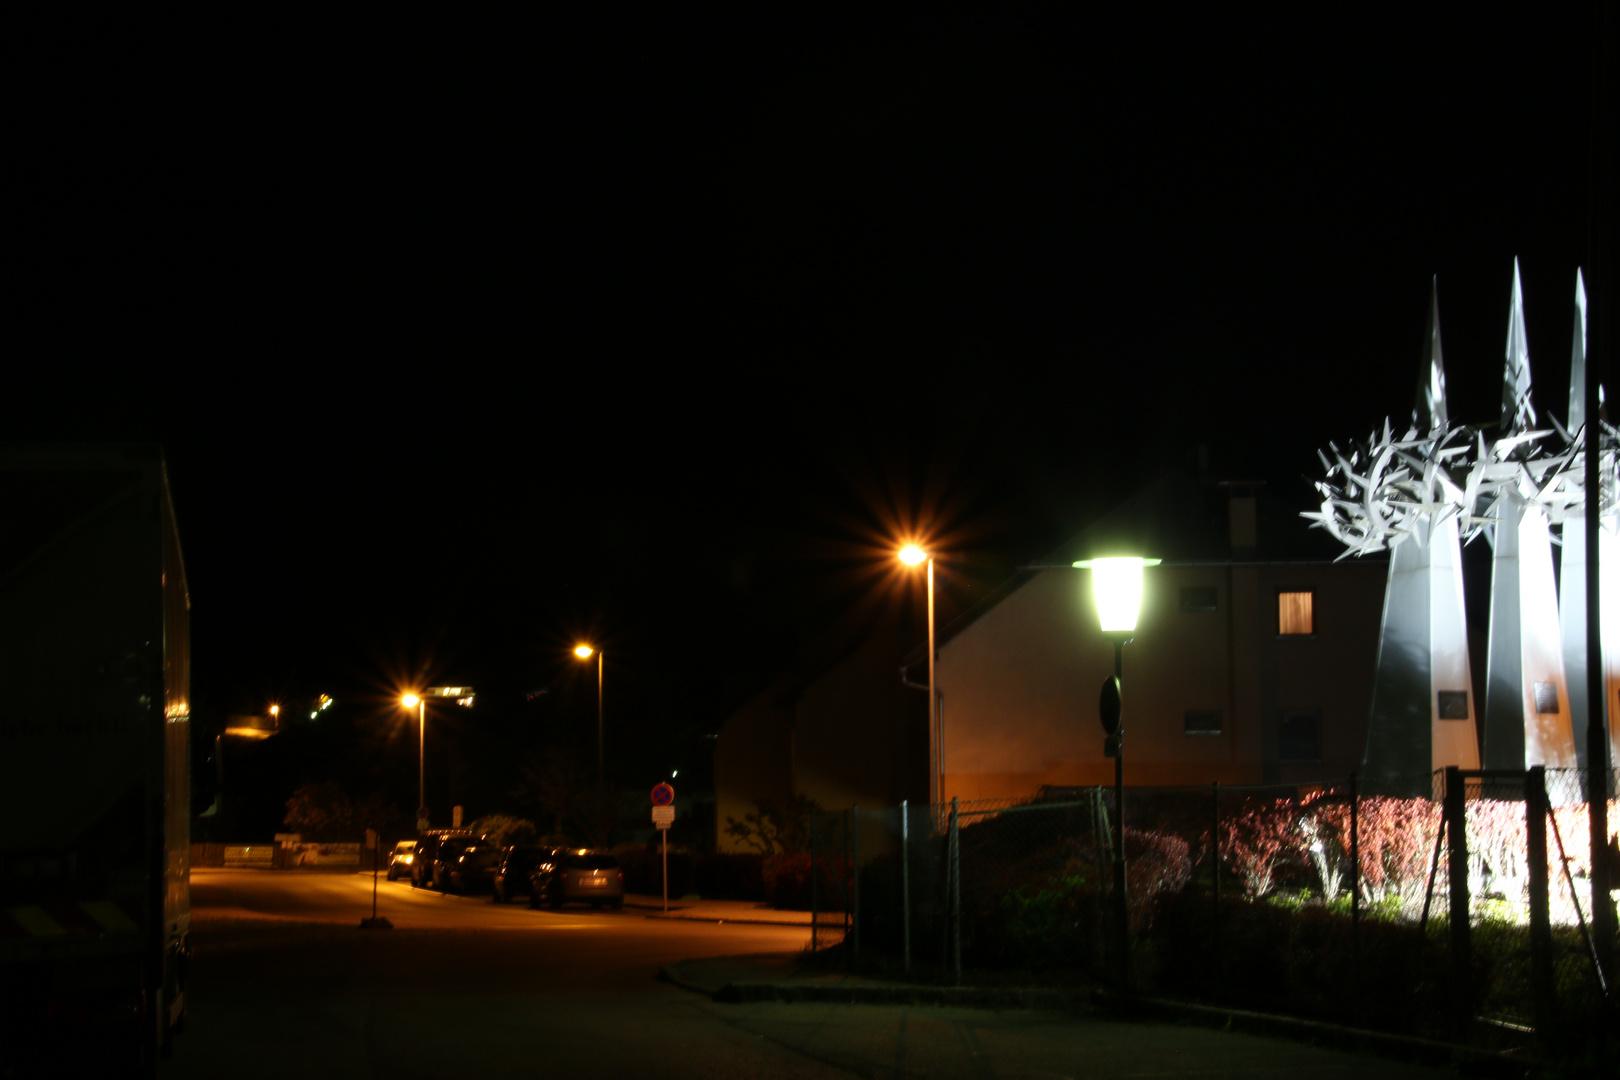 Lampen foto bild lampen und leuchten alltagsdesign for Foto lampen